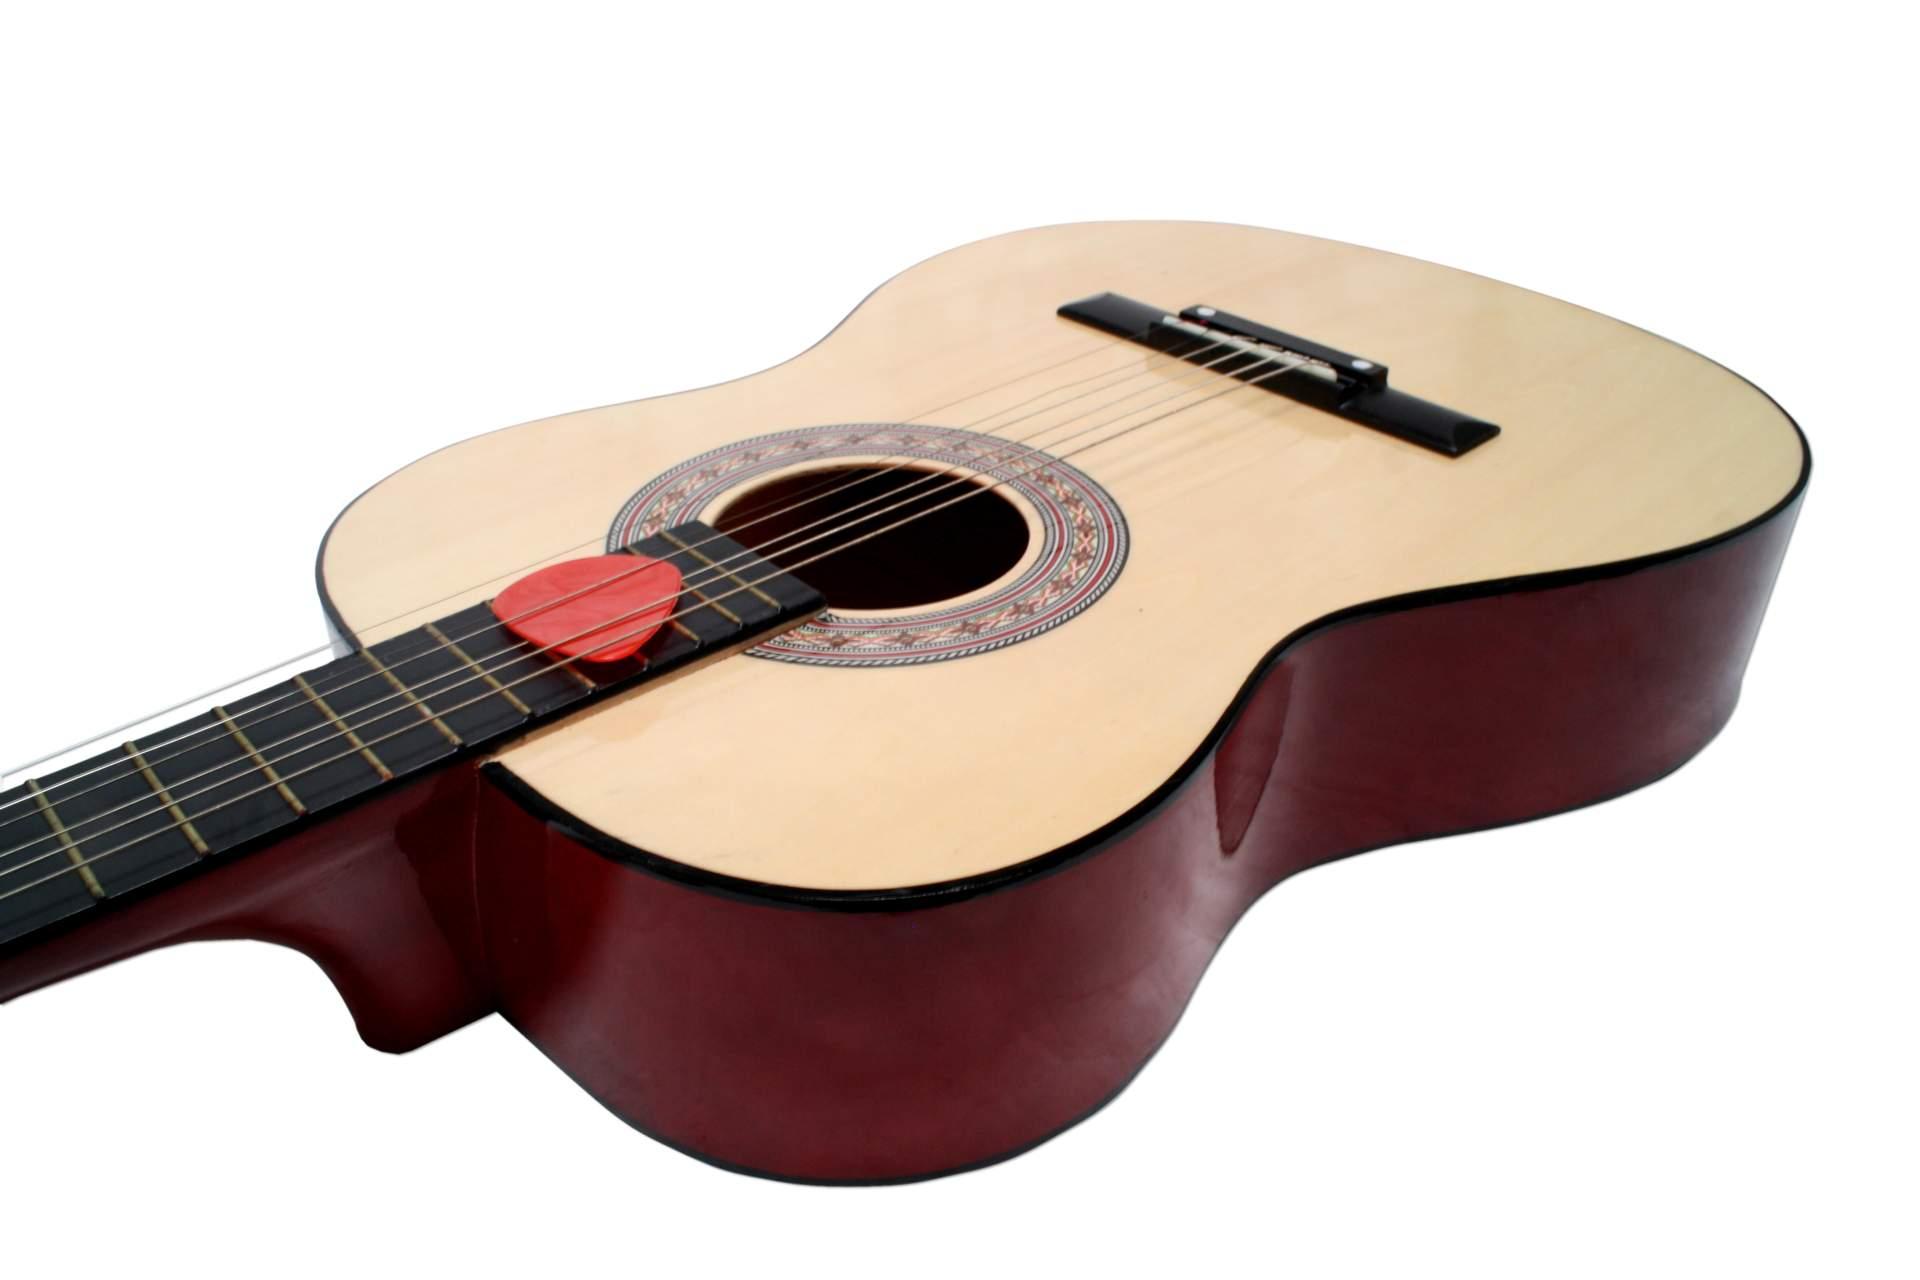 akustik gitarre beige 91 5 cm holz mit 6 saiten plektrum konzert klassik neu ebay. Black Bedroom Furniture Sets. Home Design Ideas